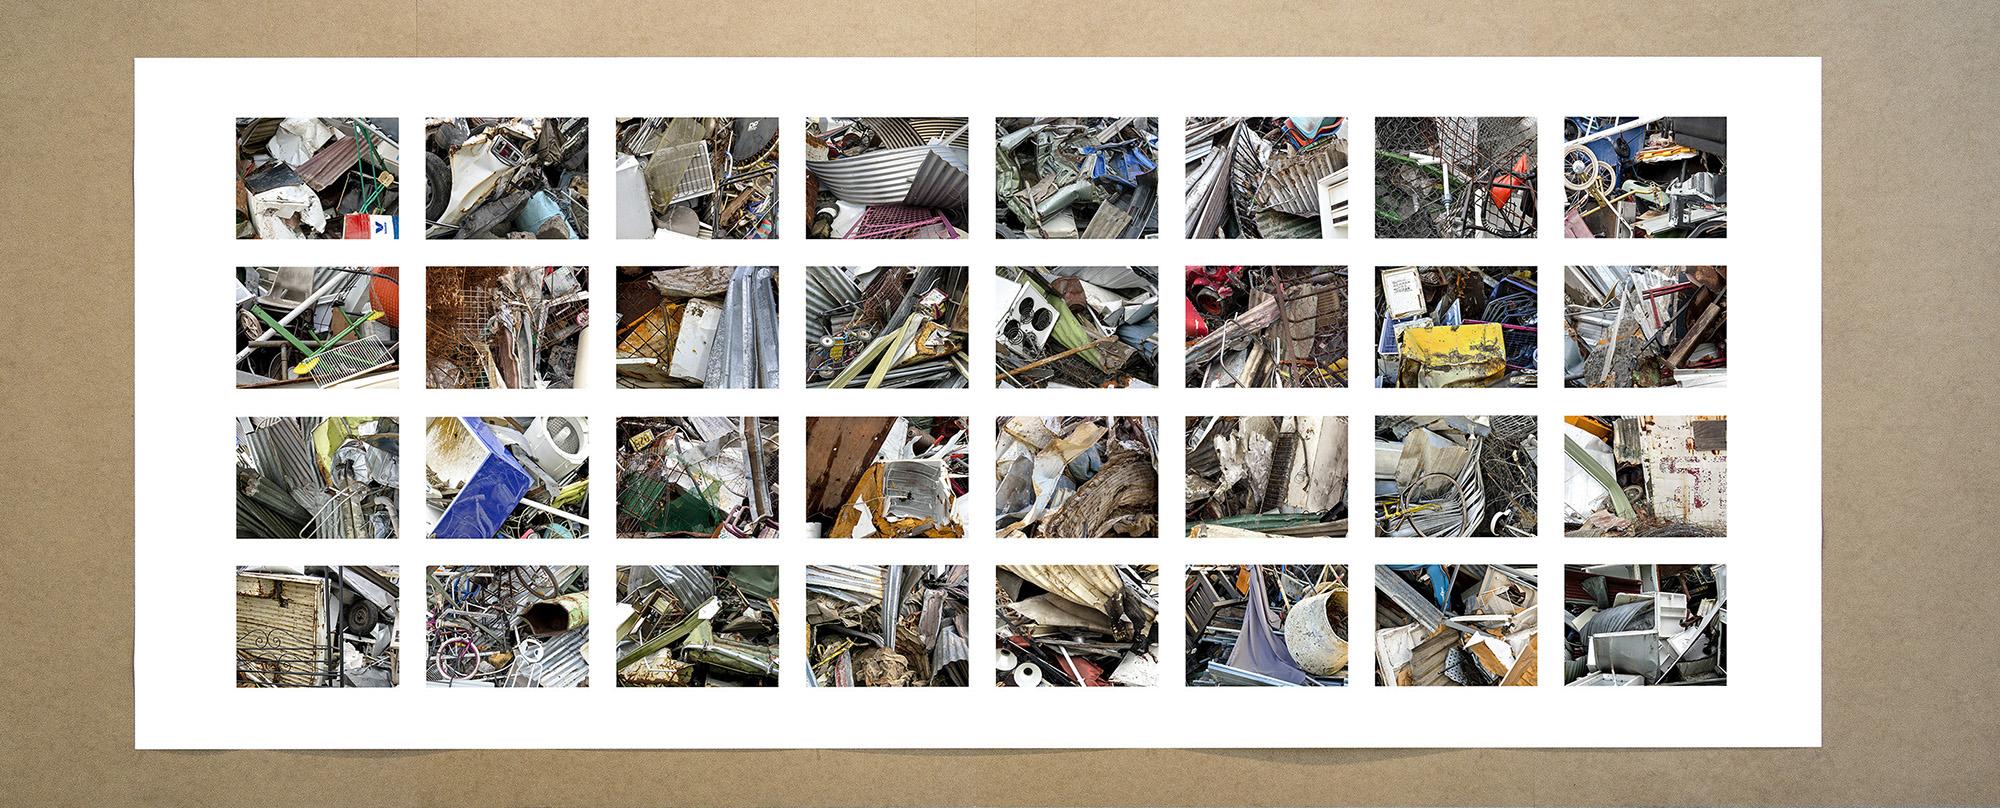 Geoff Kleem, International Trash (B), 2014